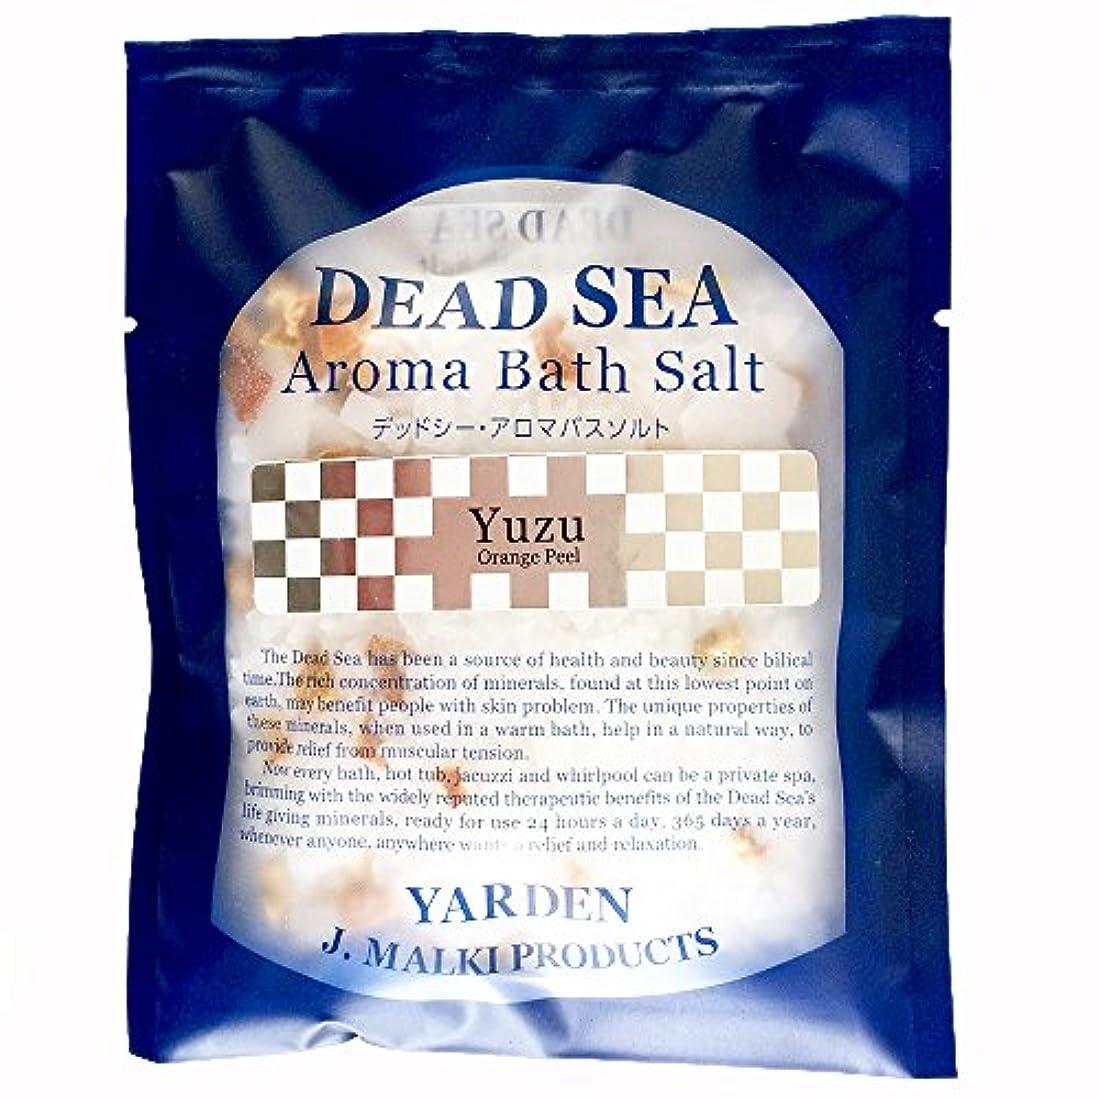 これらパーセント浜辺デッドシー?アロマバスソルト/ユズ 80g 【DEAD SEA AROMA BATH SALT】死海の塩+精油+ハーブ/入浴剤(入浴用化粧品)【正規販売店】